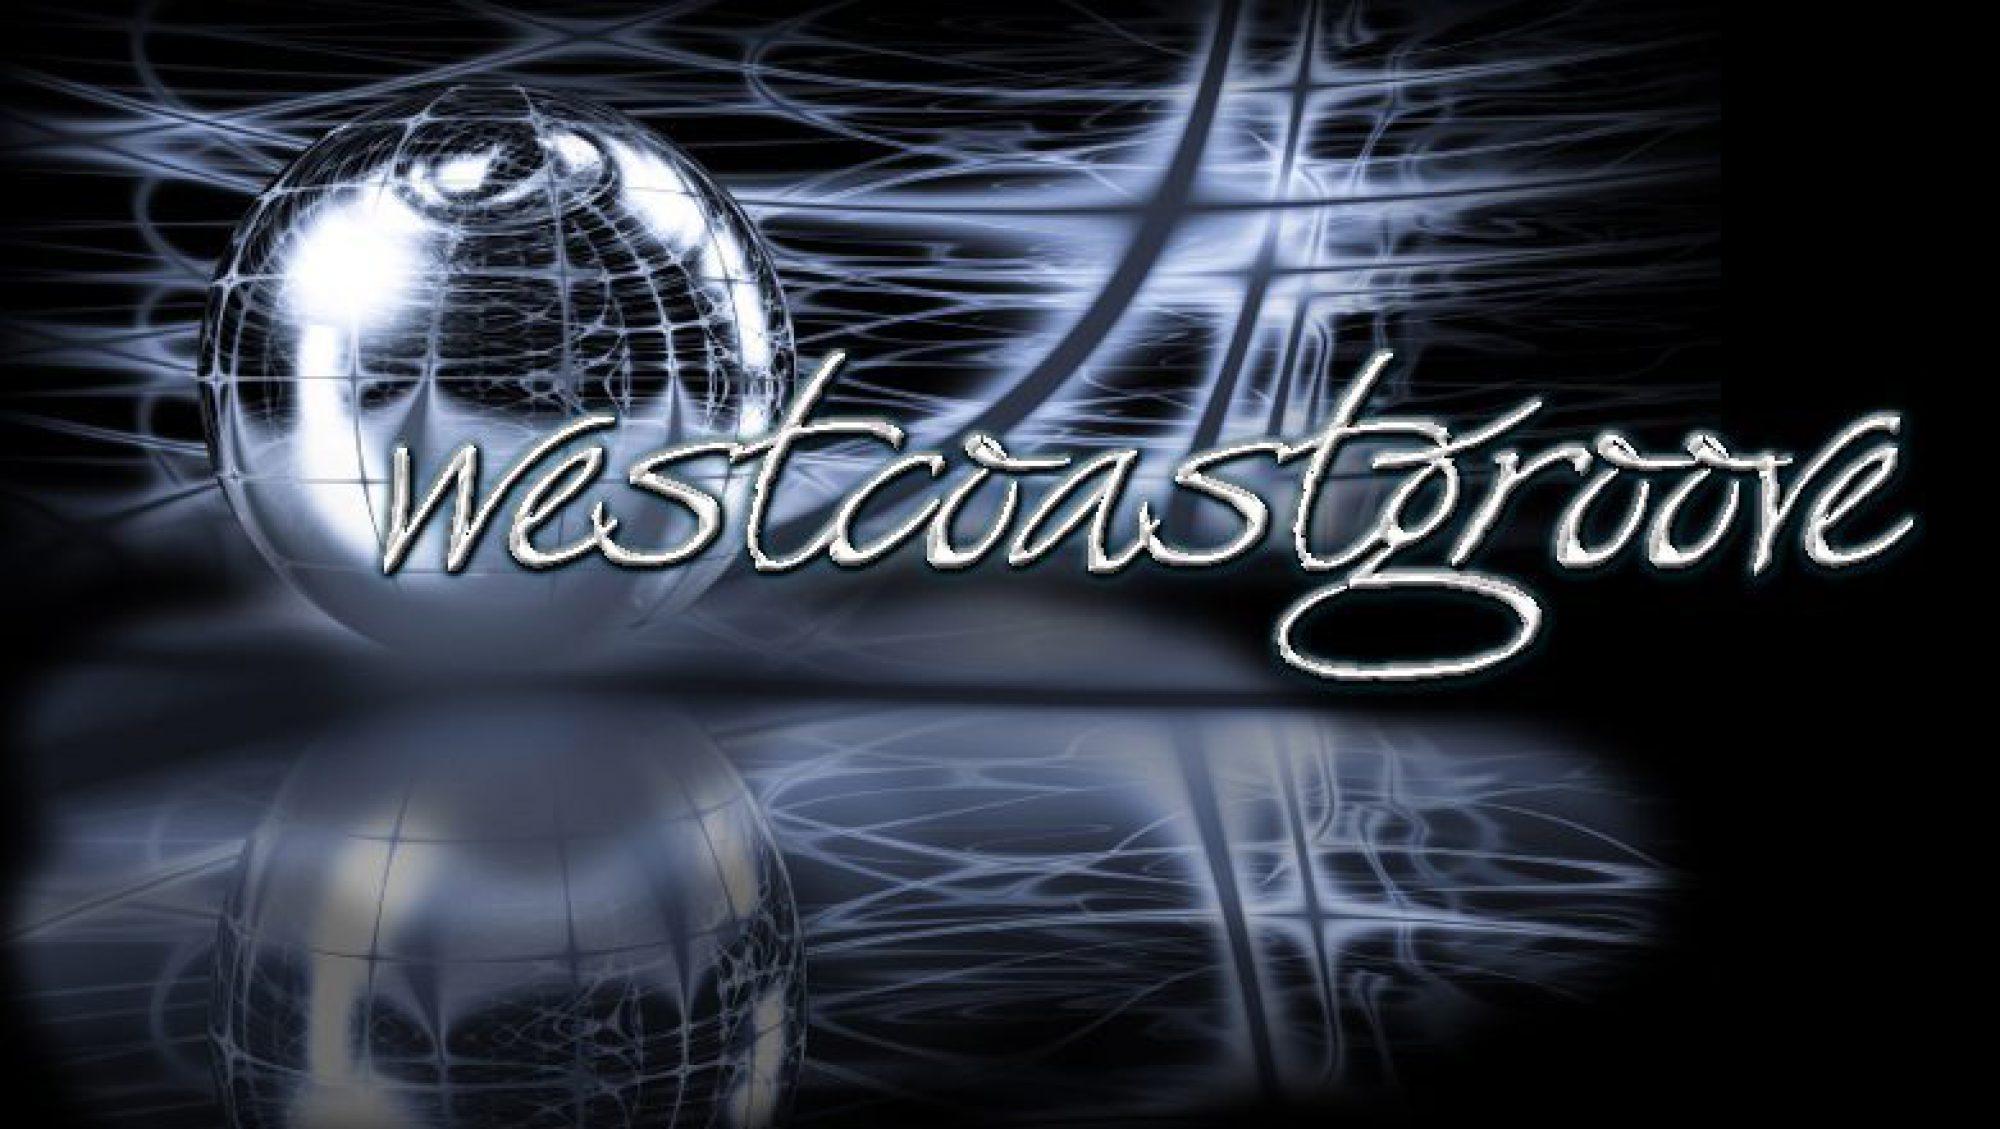 Westcoastgroove